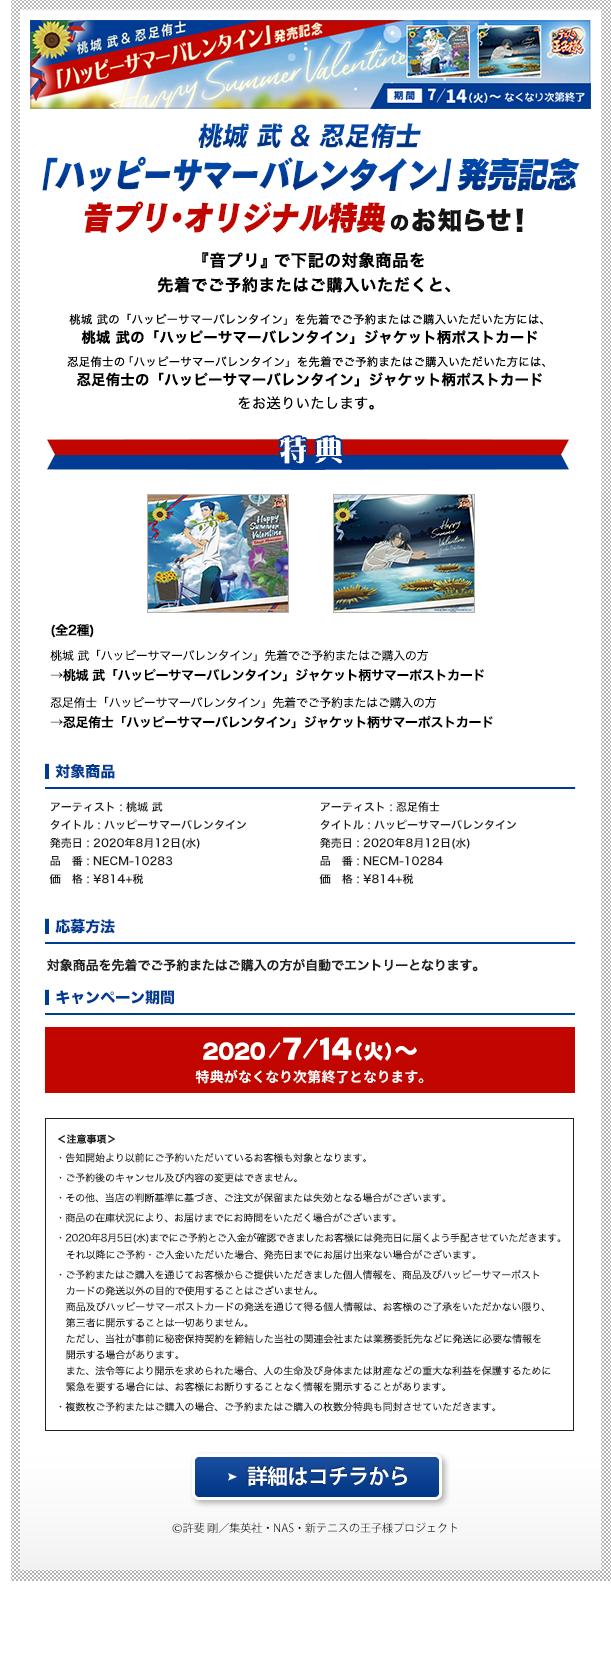 桃城 武&忍足侑士「ハッピーサマーバレンタイン」発売記念 音プリ オリジナル特典のお知らせ